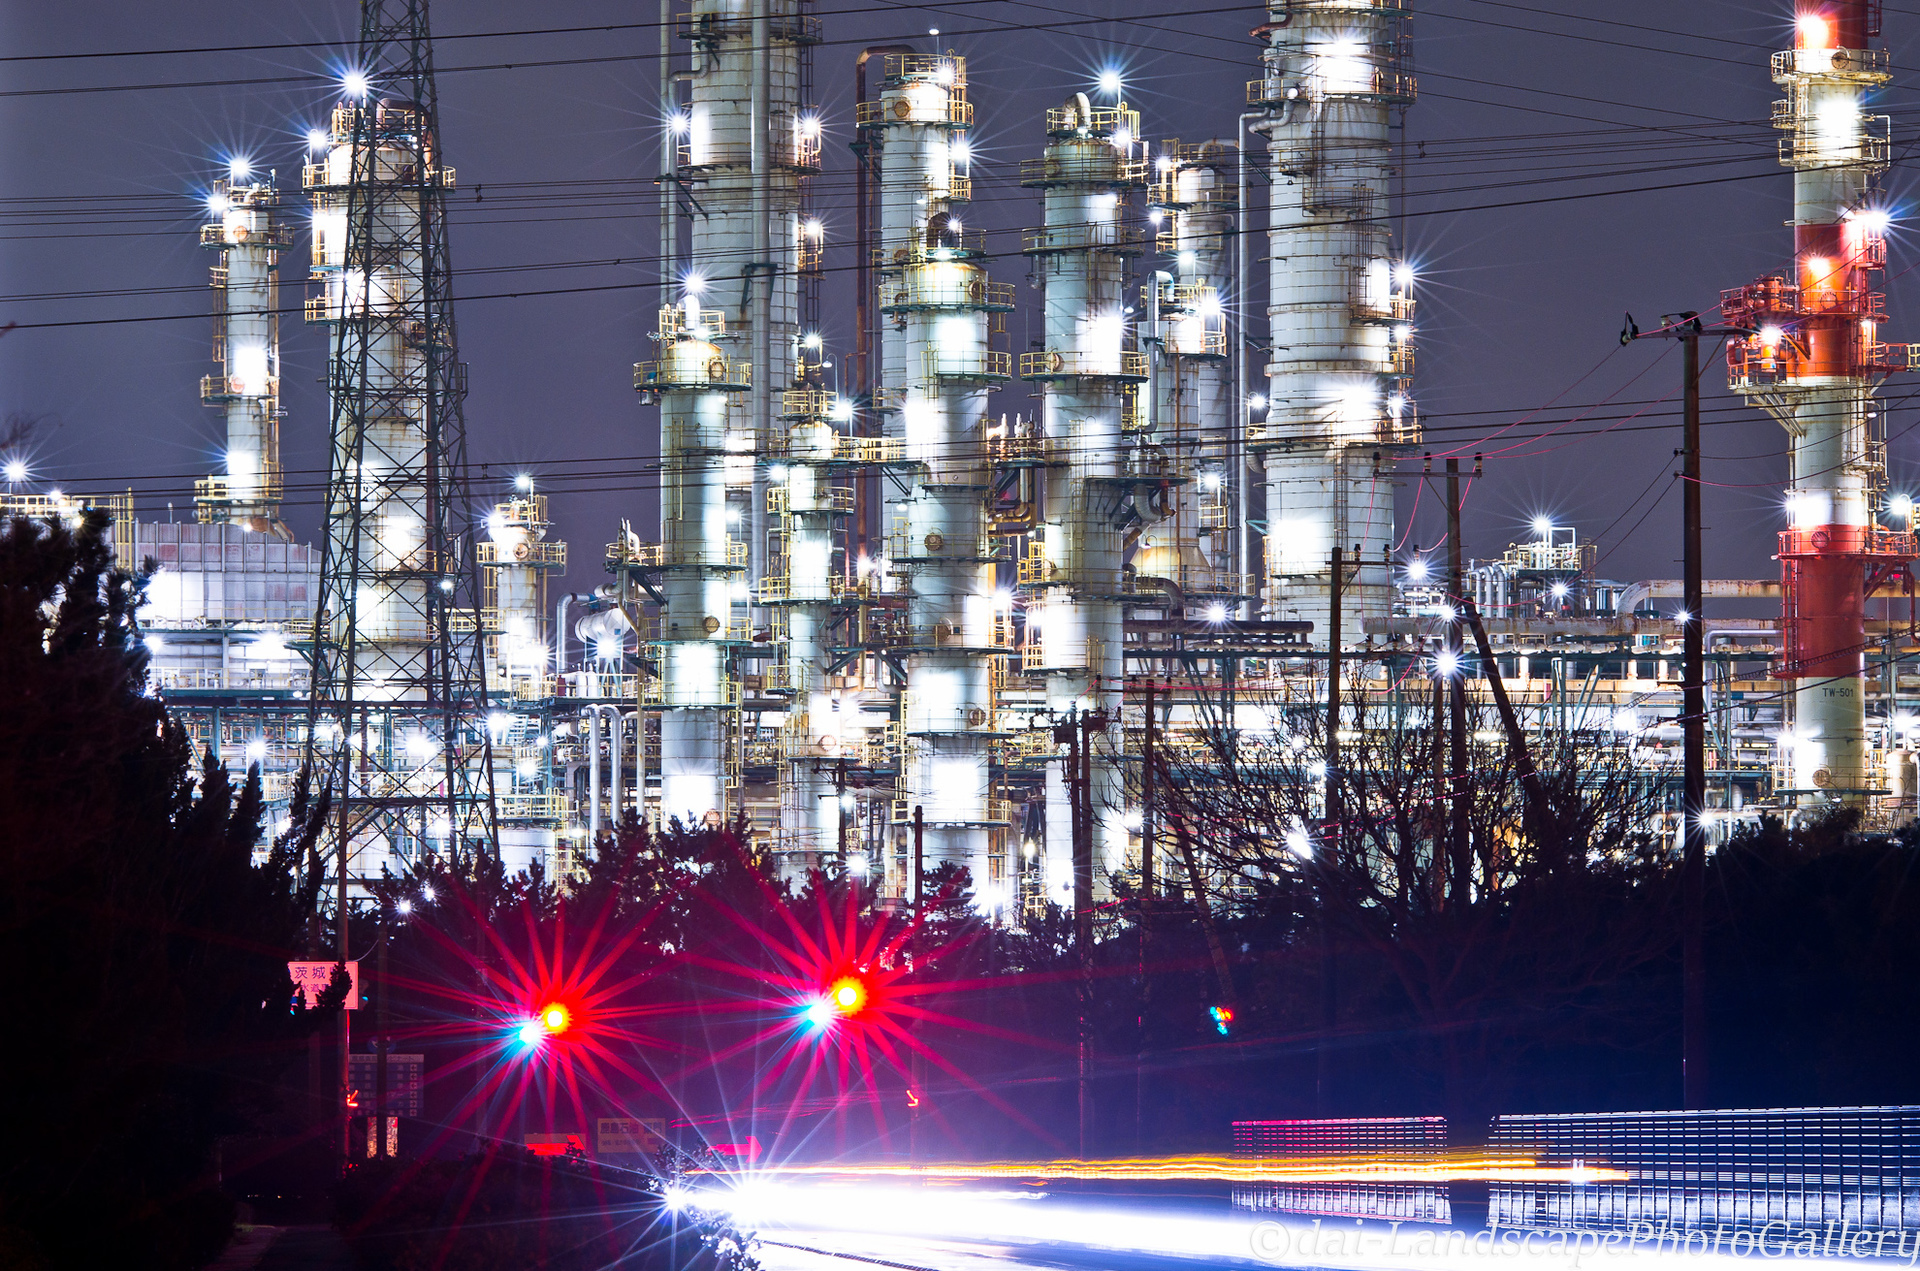 鹿島臨海工業地帯の夜景